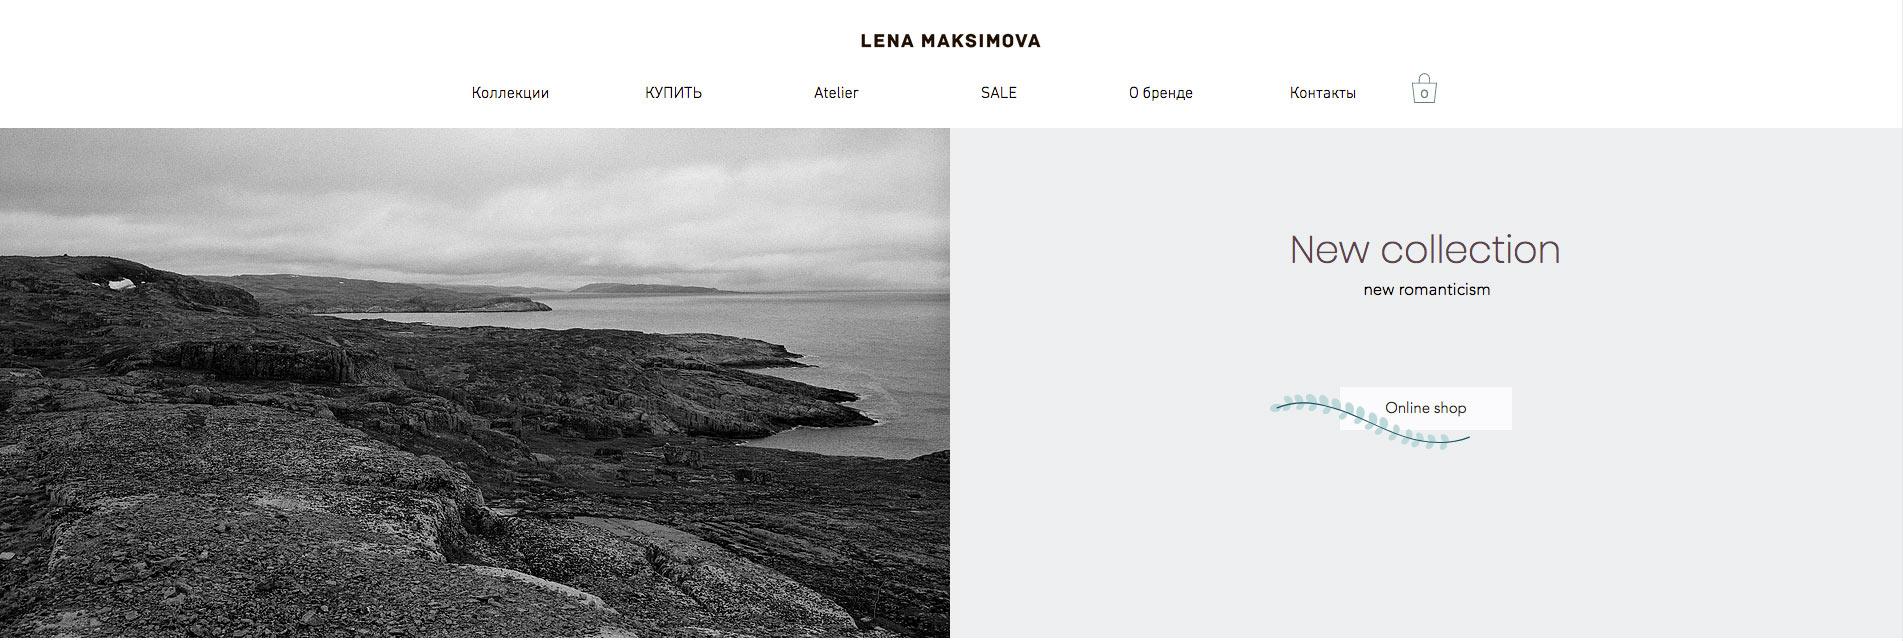 Новое имя: MUUS Lena Maksimova (фото 5)